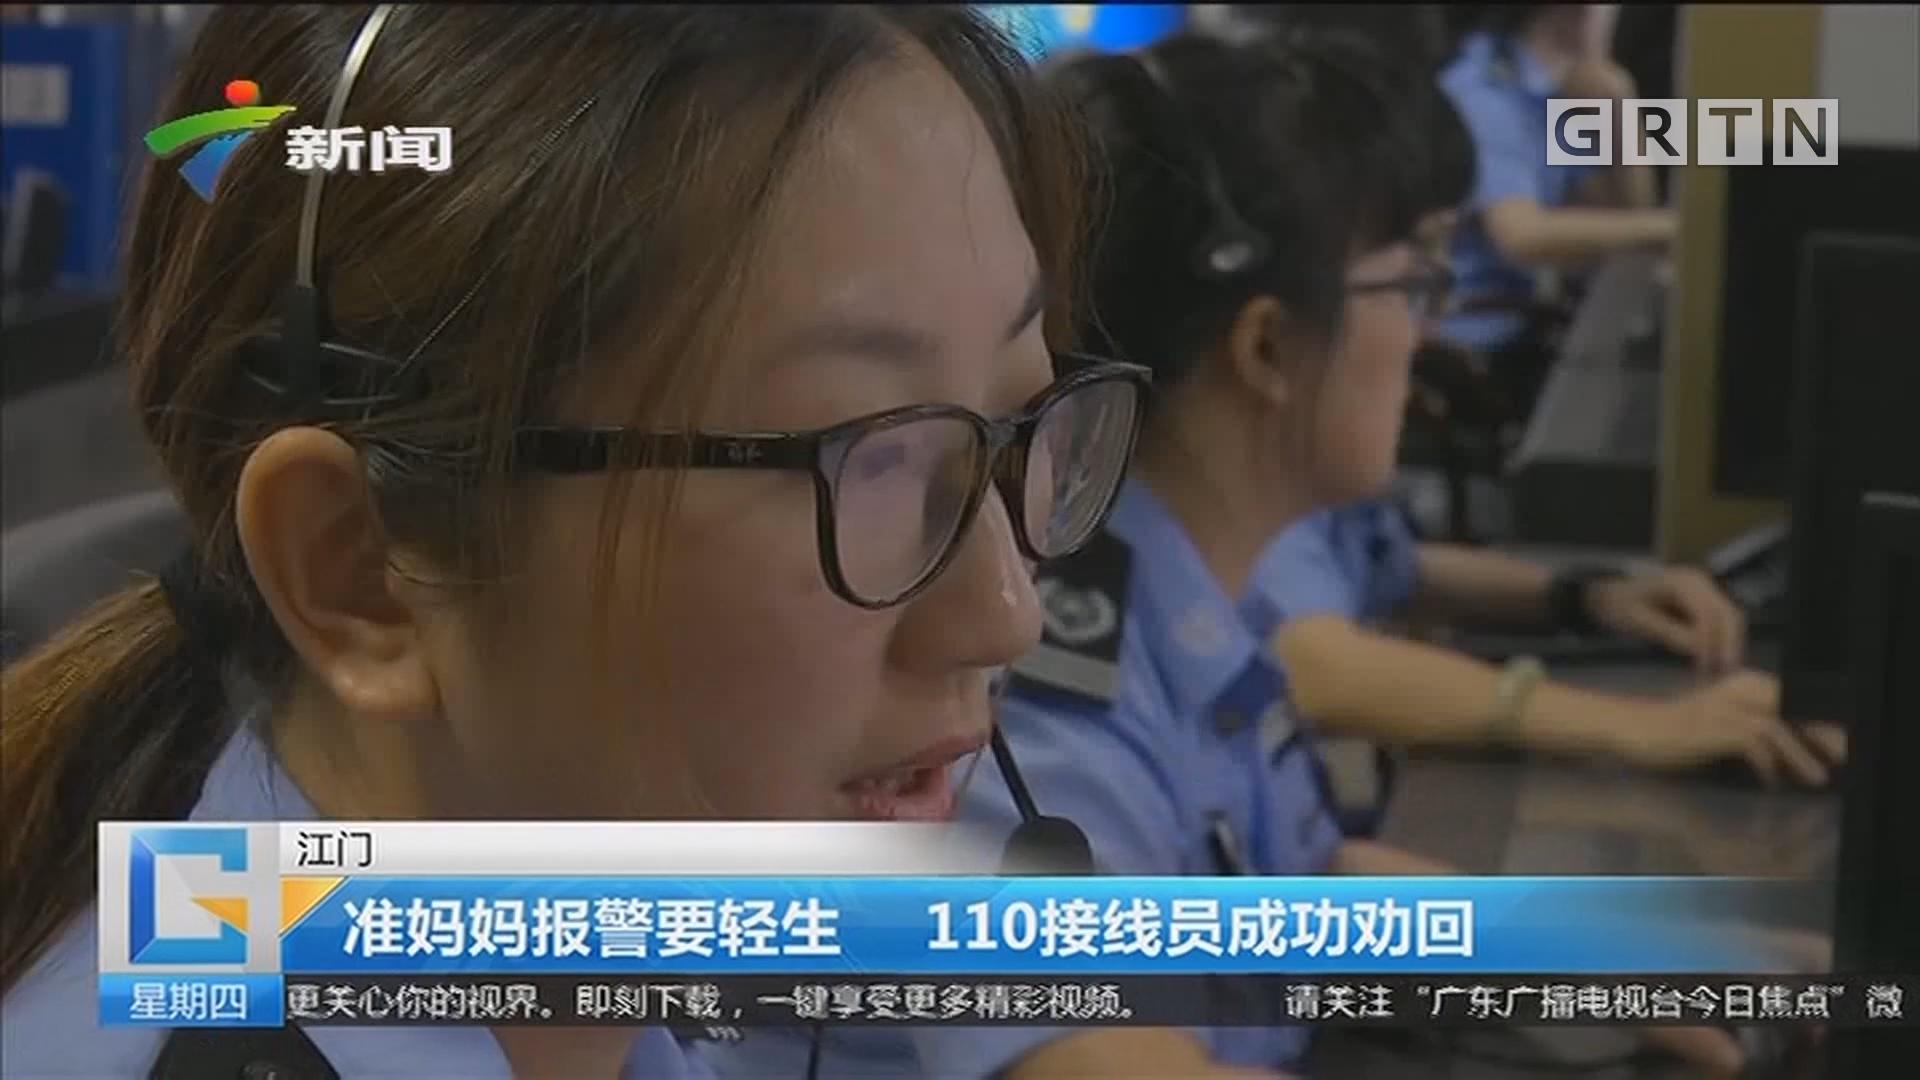 江门:准妈妈报警要轻生 110接线员成功劝回